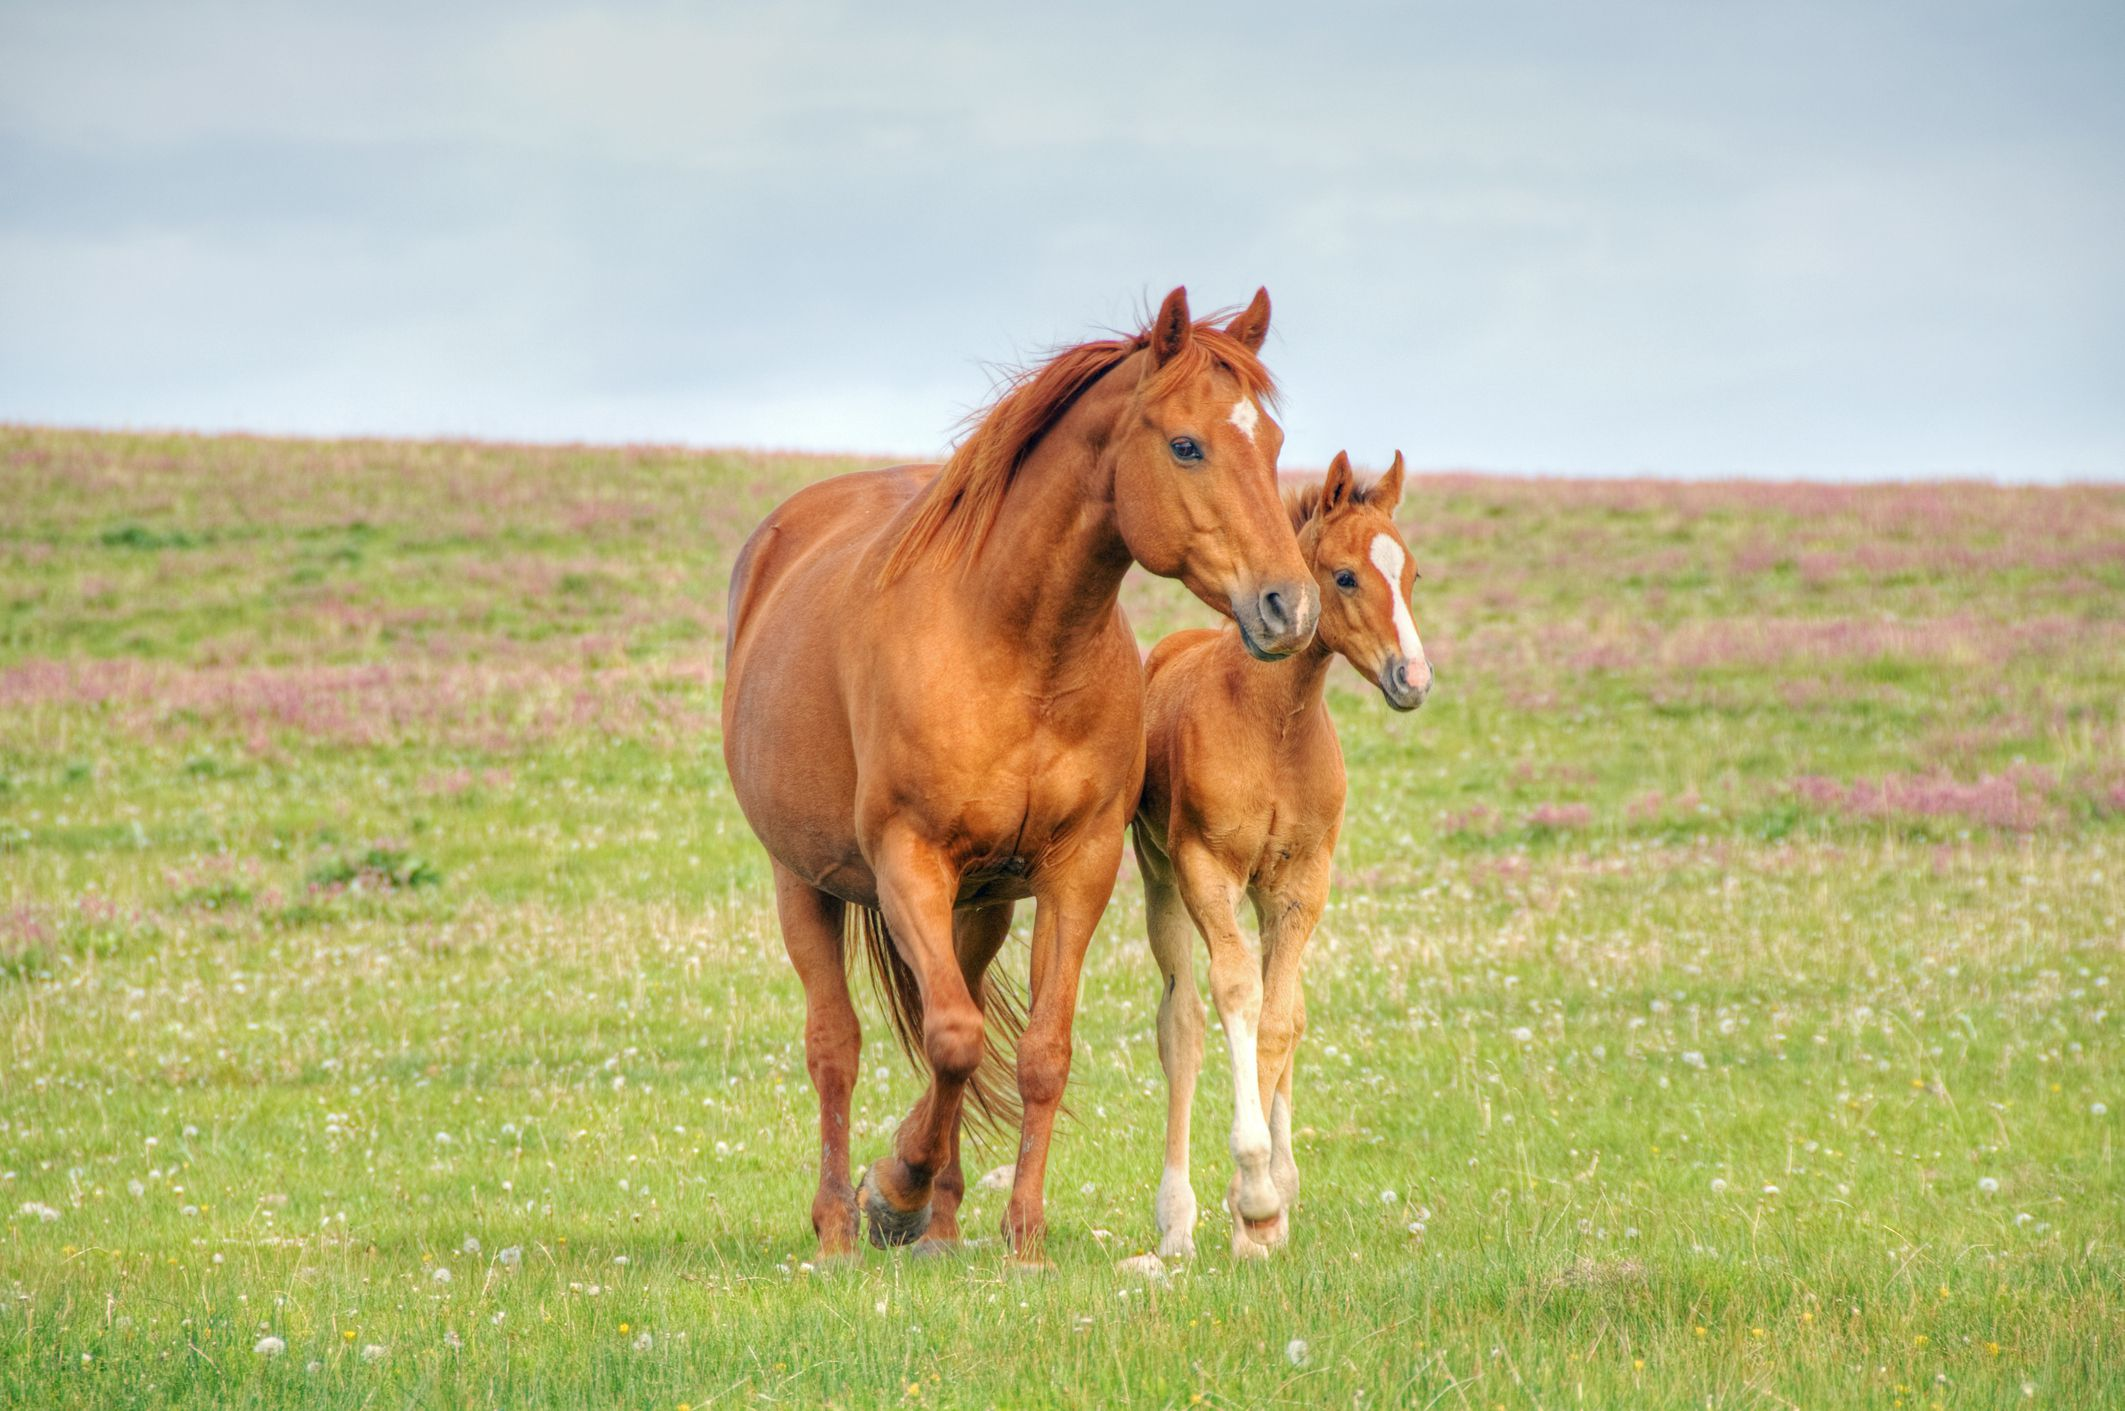 Female Horse Names